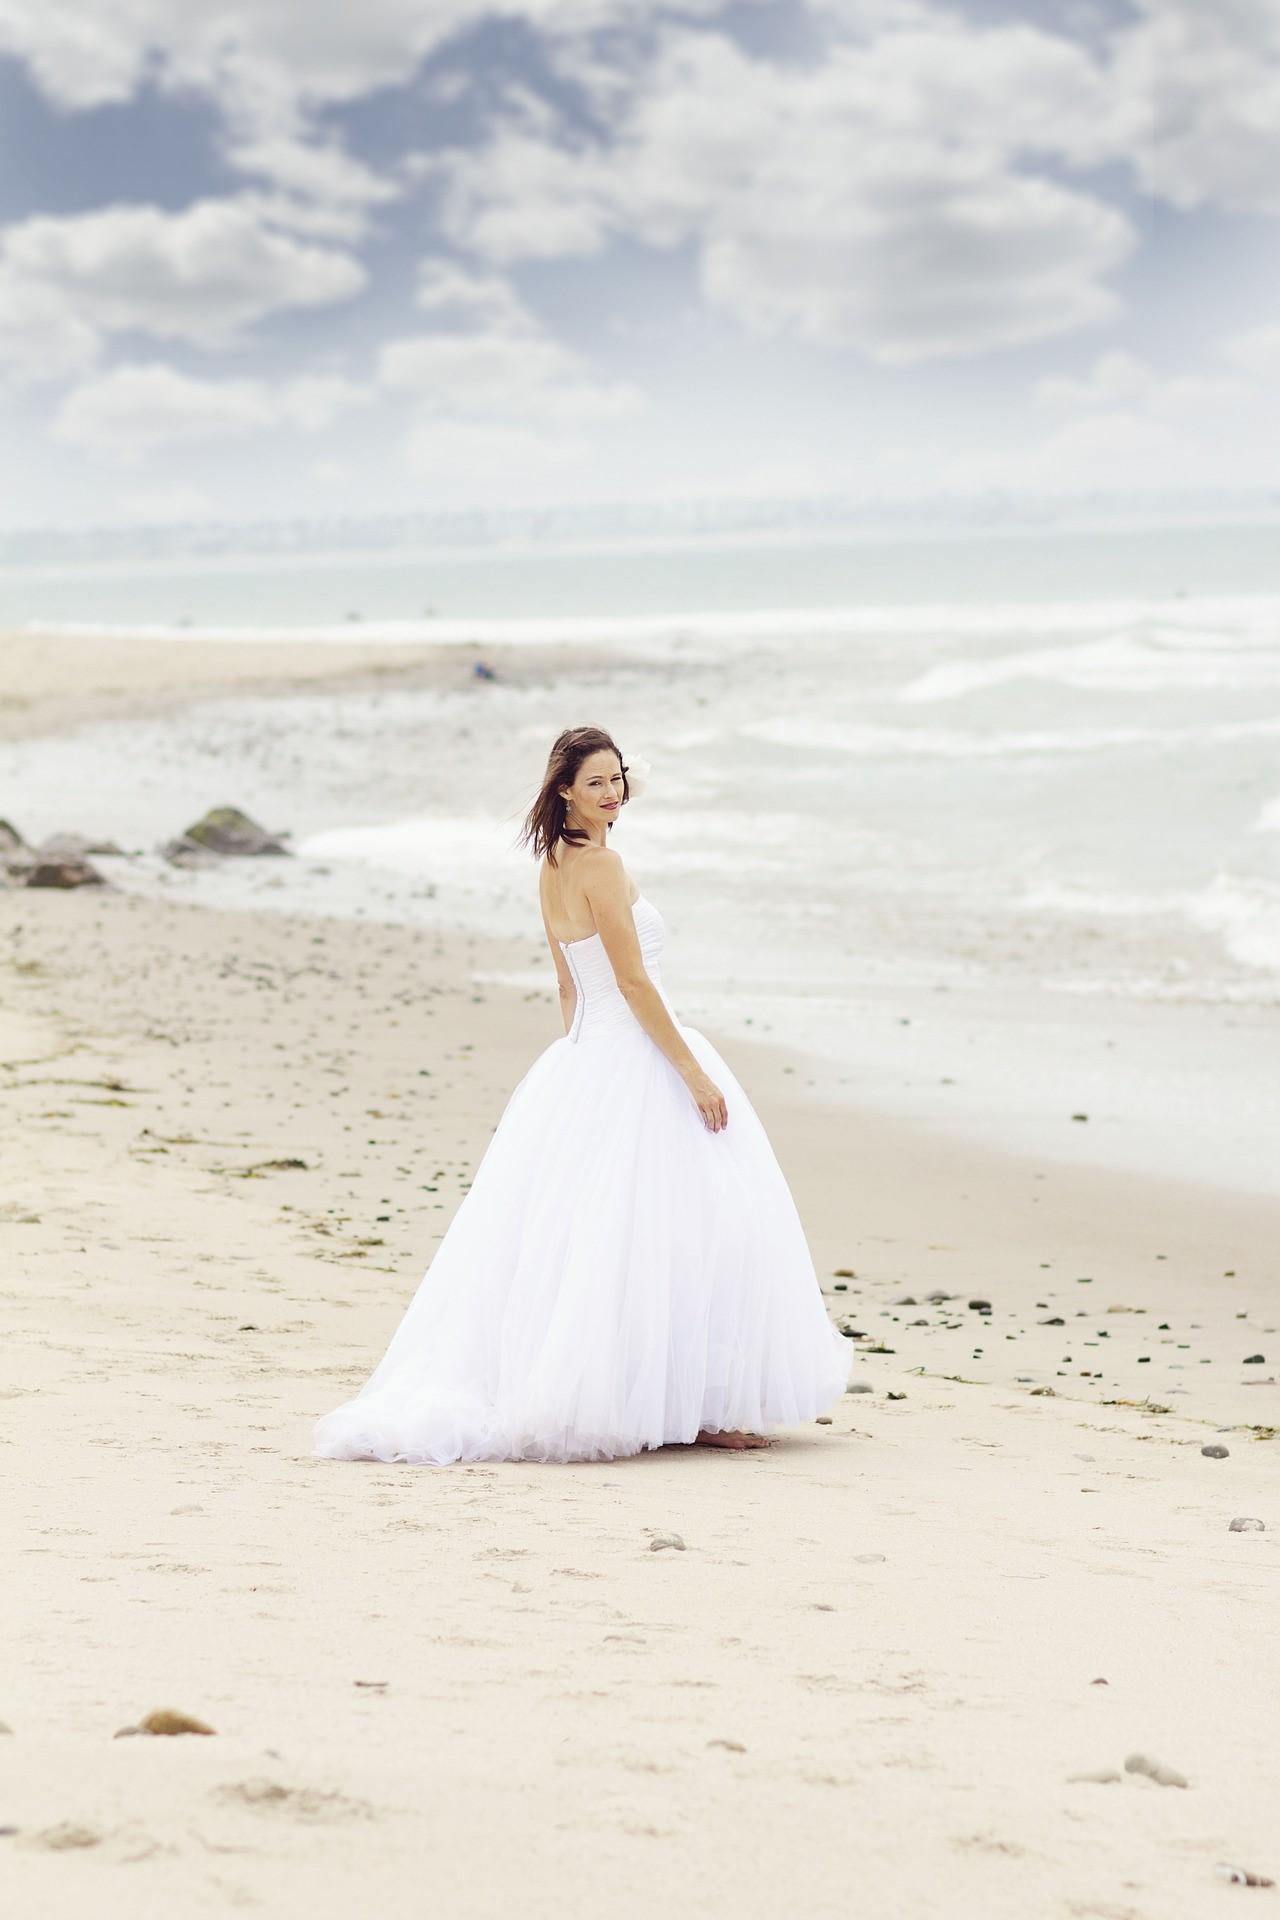 Voyages de noces selectair suntour reizen - 65 ans de mariage noce de quoi ...